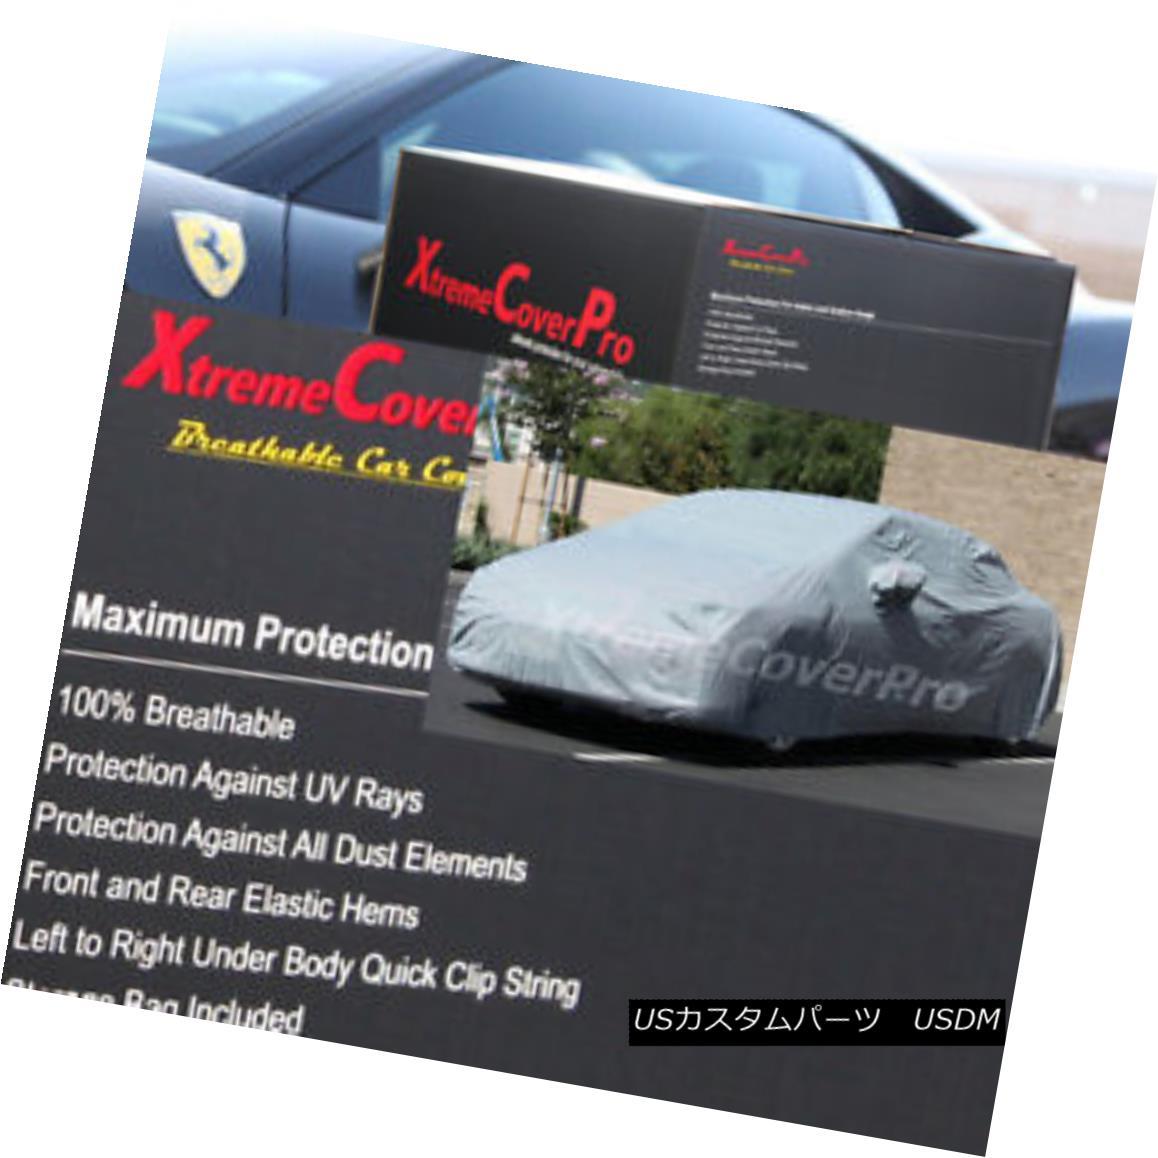 カーカバー 2014 Chrysler 200 Breathable Car Cover w/ Mirror Pocket ミラーポケット付き2014クライスラー200通気性車カバー